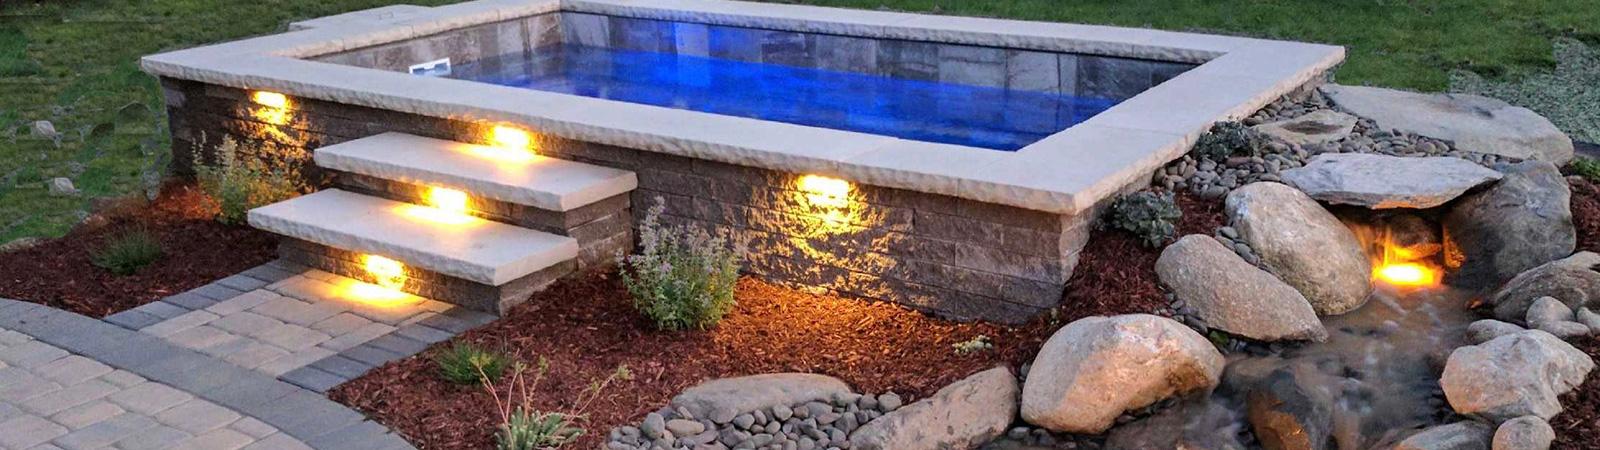 Soake Pools Photo